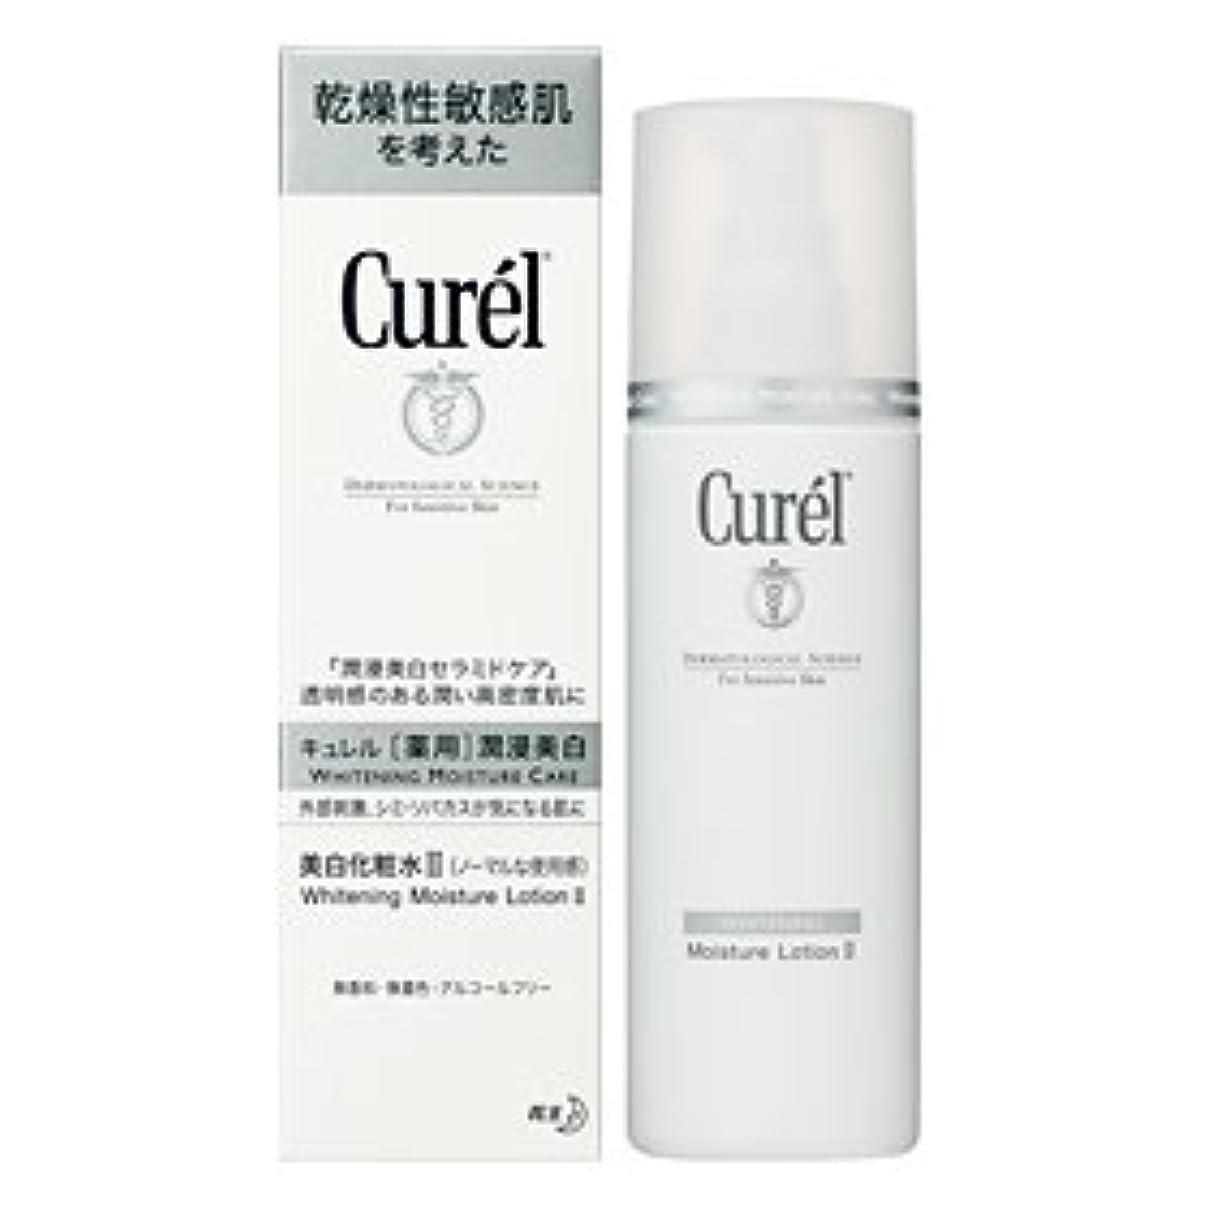 ベーコンメイトマスクキュレル 美白化粧水2(ノーマルな使用感) 140ml×3個セット